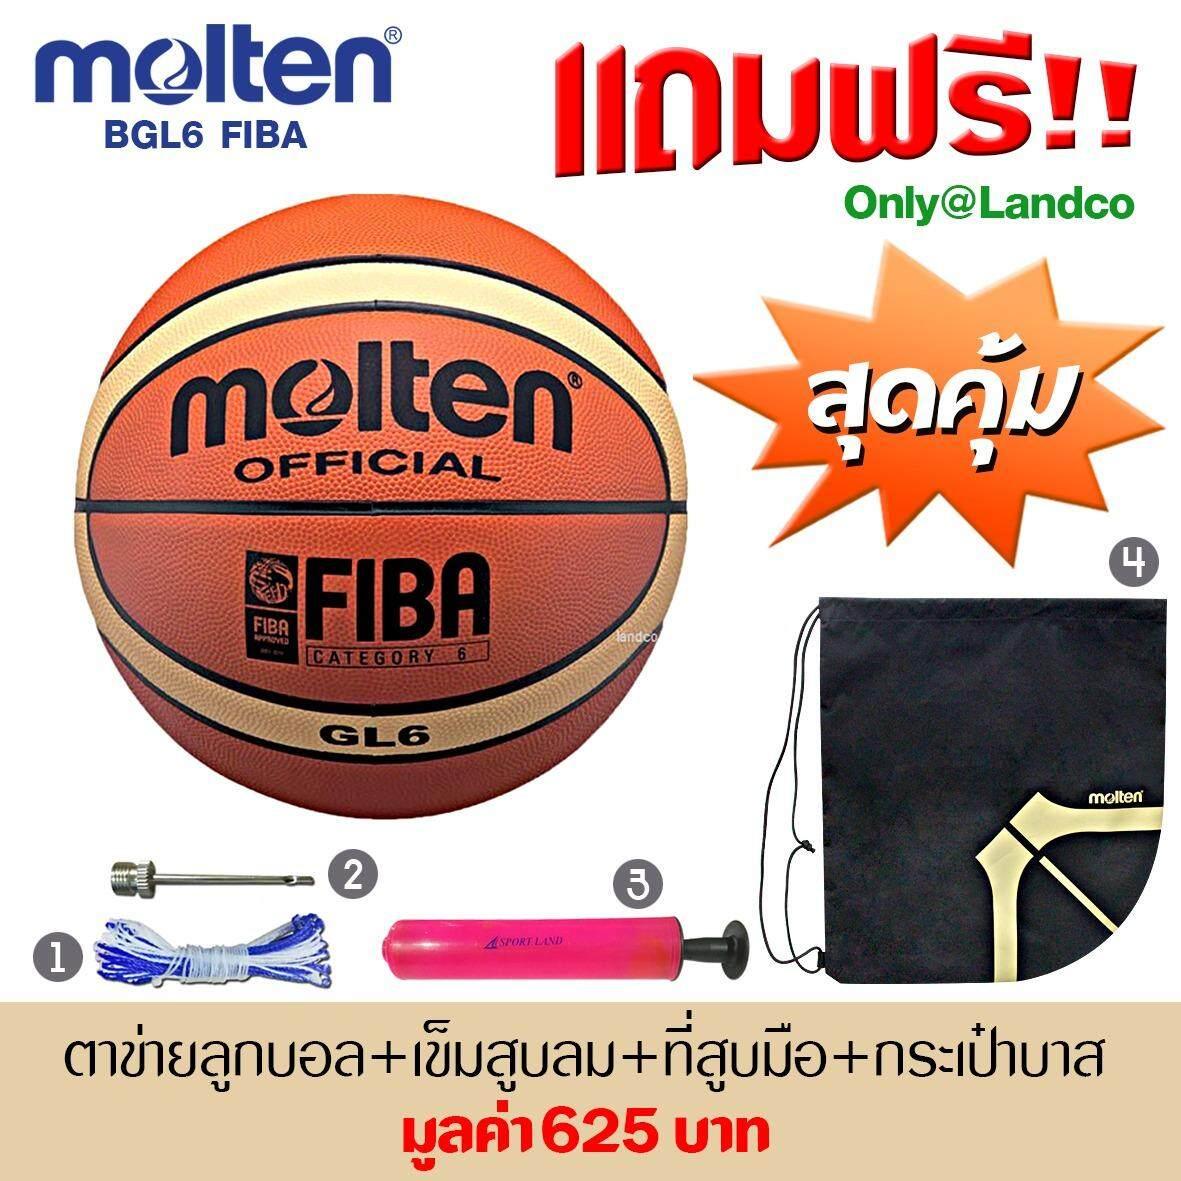 ขาย ซื้อ ออนไลน์ Molten บาสเก็ตบอล Basketball Lt Mot Bgl6 Fiba แถมฟรี ตาข่ายใส่ลูกบาสเกตบอล เข็มสูบสูบลม สูบมือ Spl รุ่น Sl6 สีชมพู กระเป๋าบาส